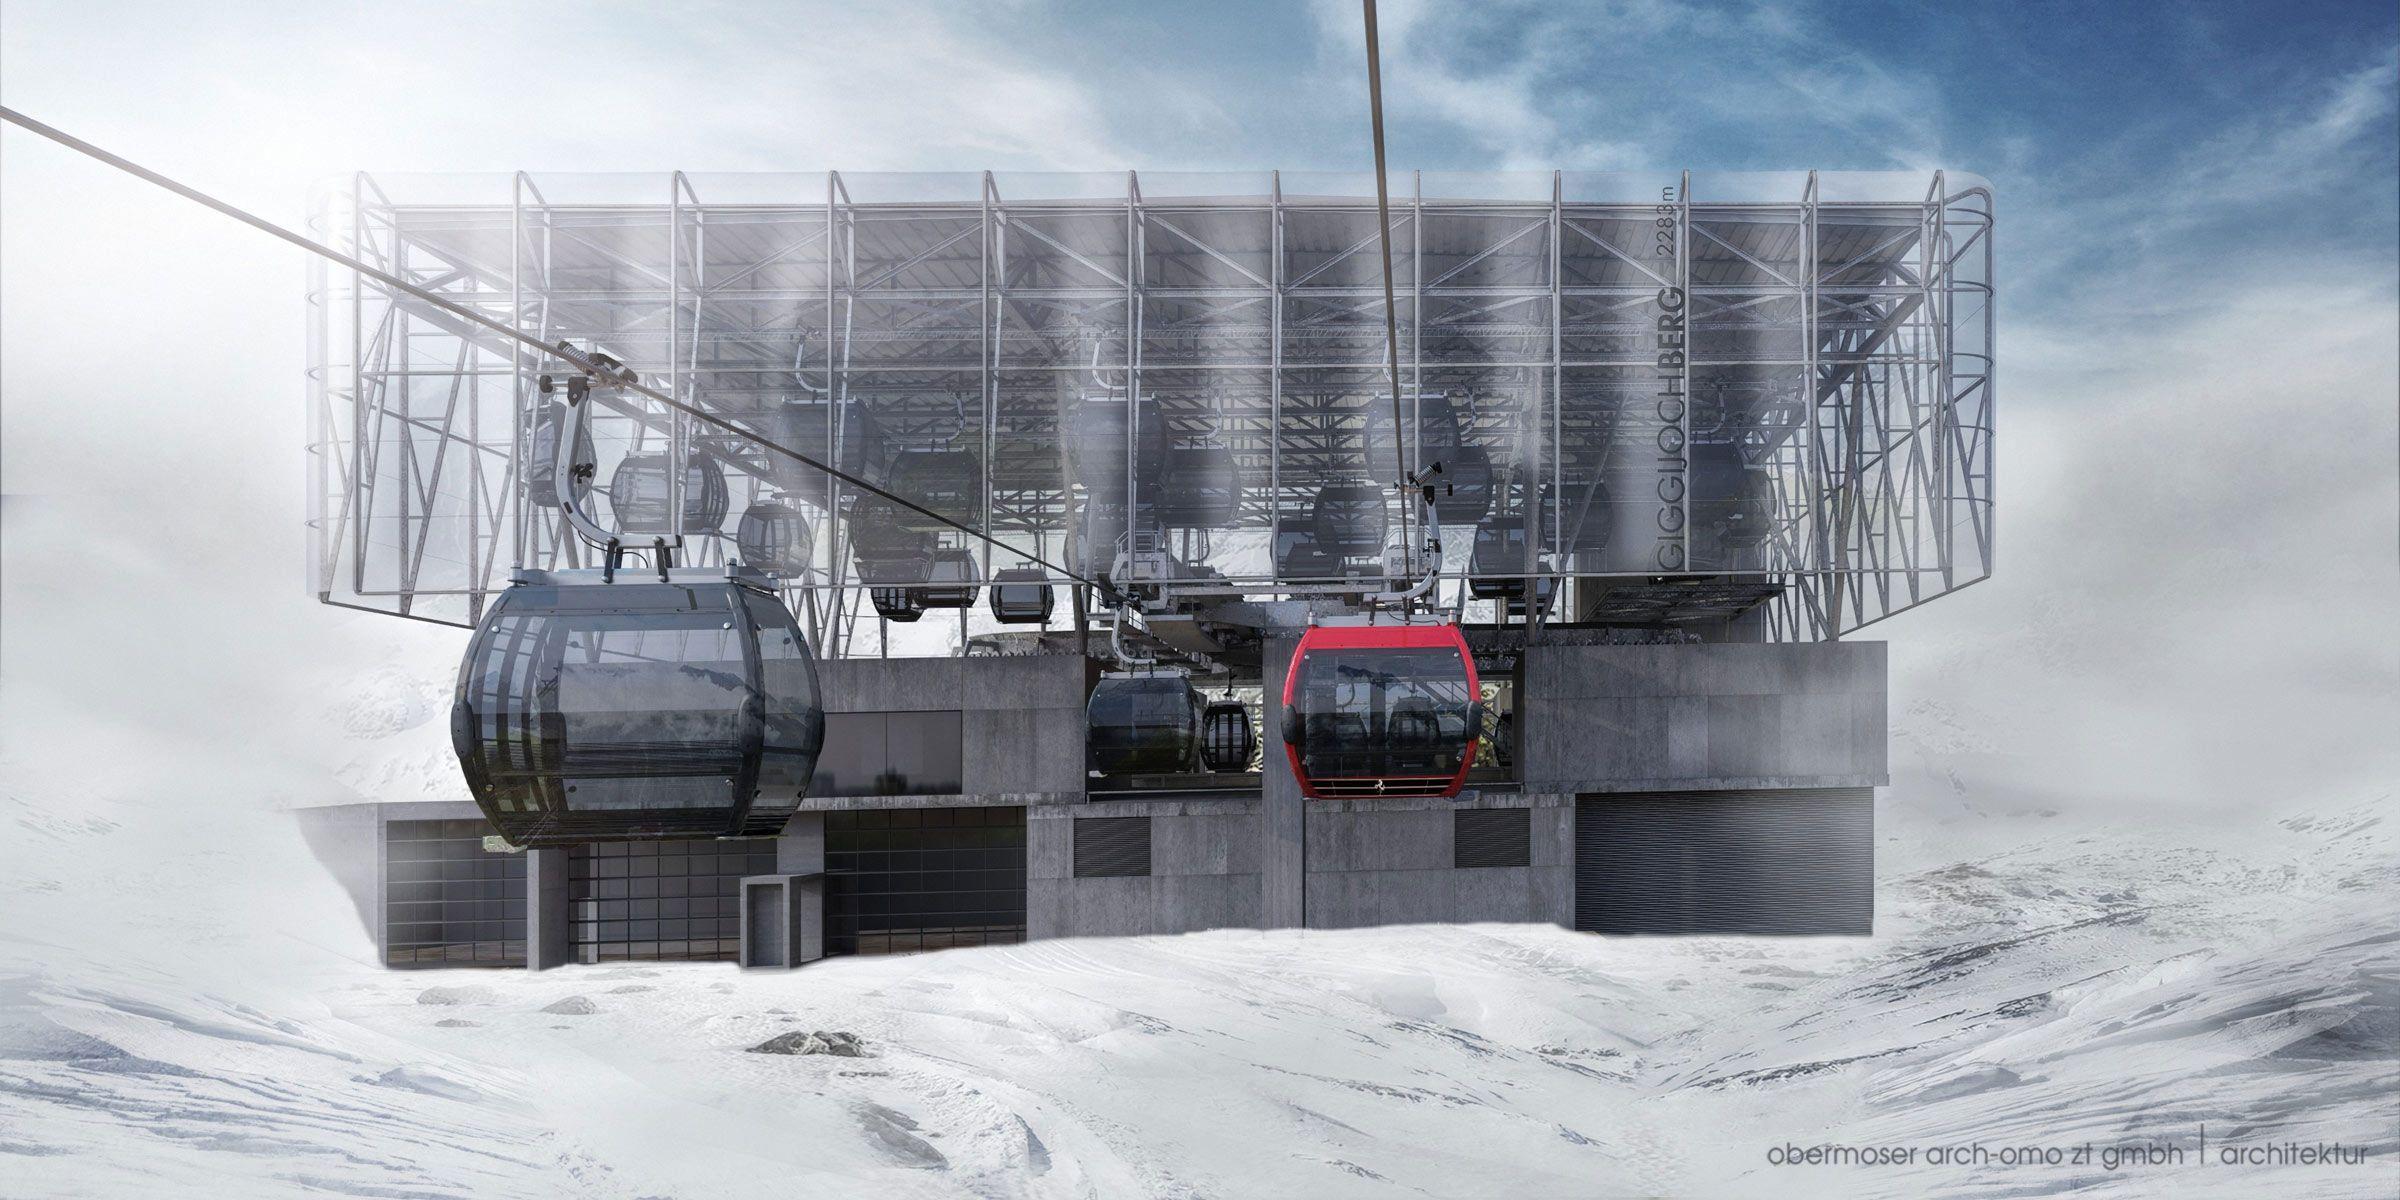 Söldens neue Giggijochbahn